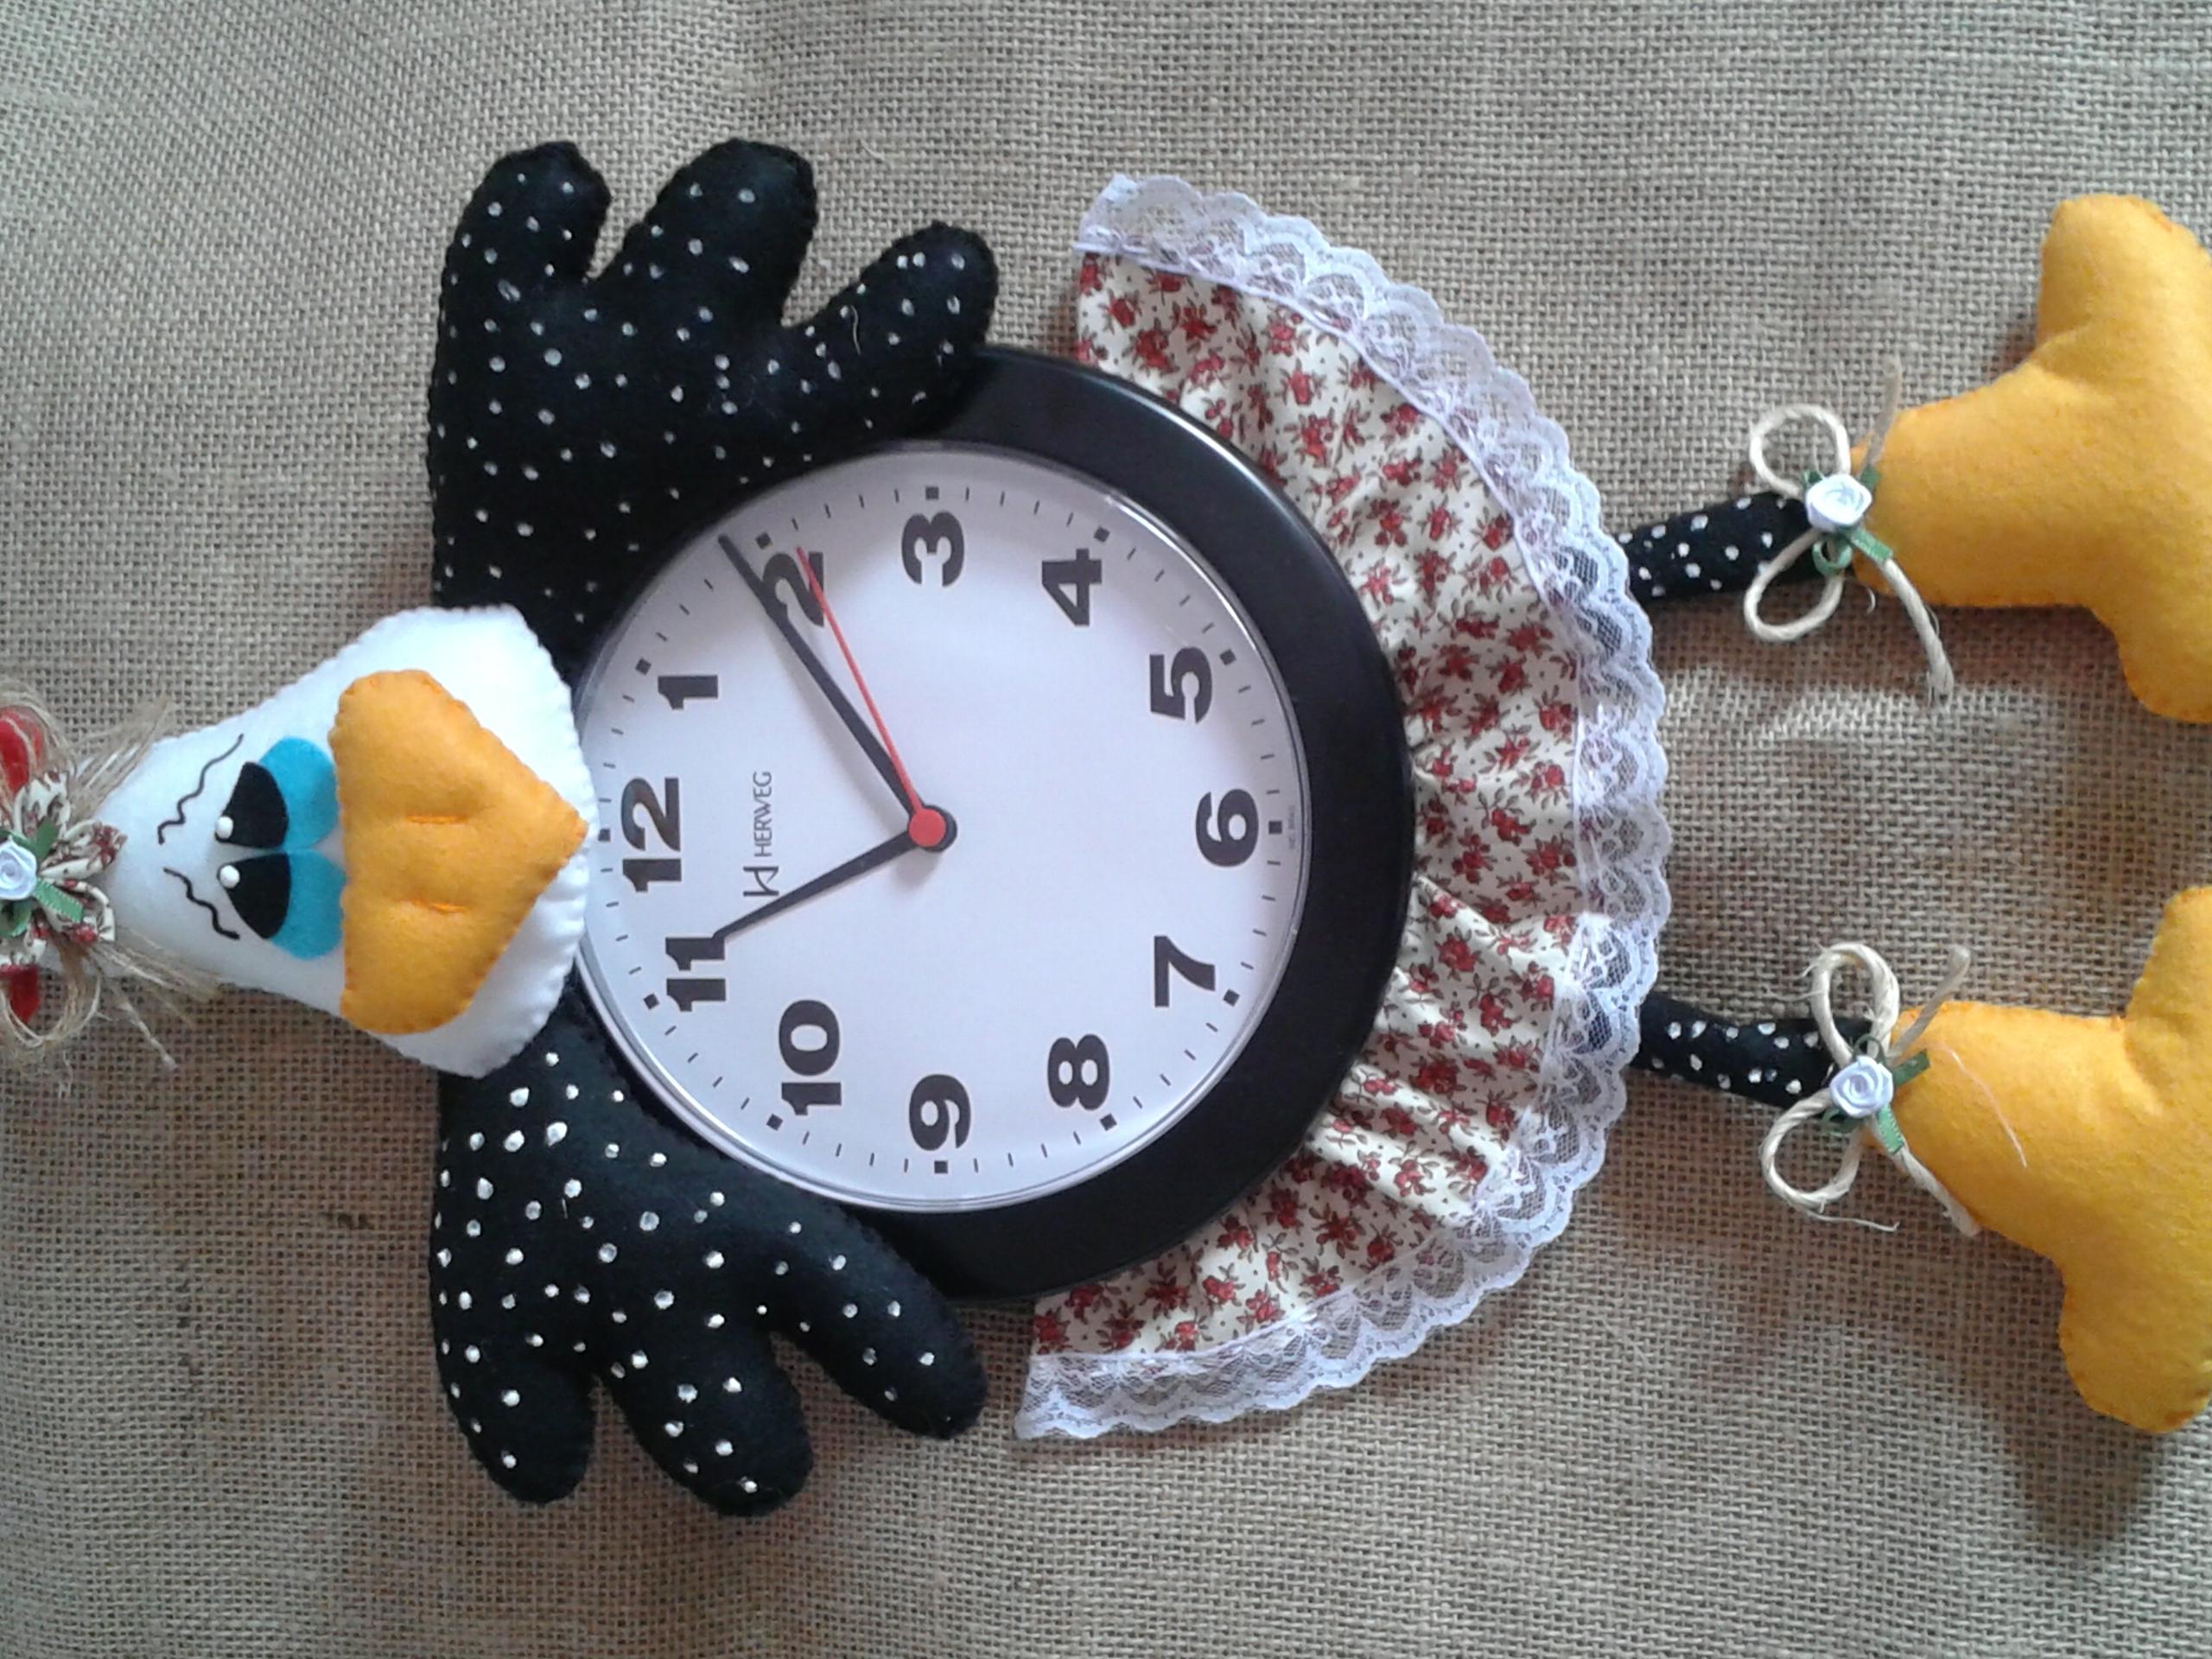 galinha d angola cozinha relogio decorado galinha d angola relogio de